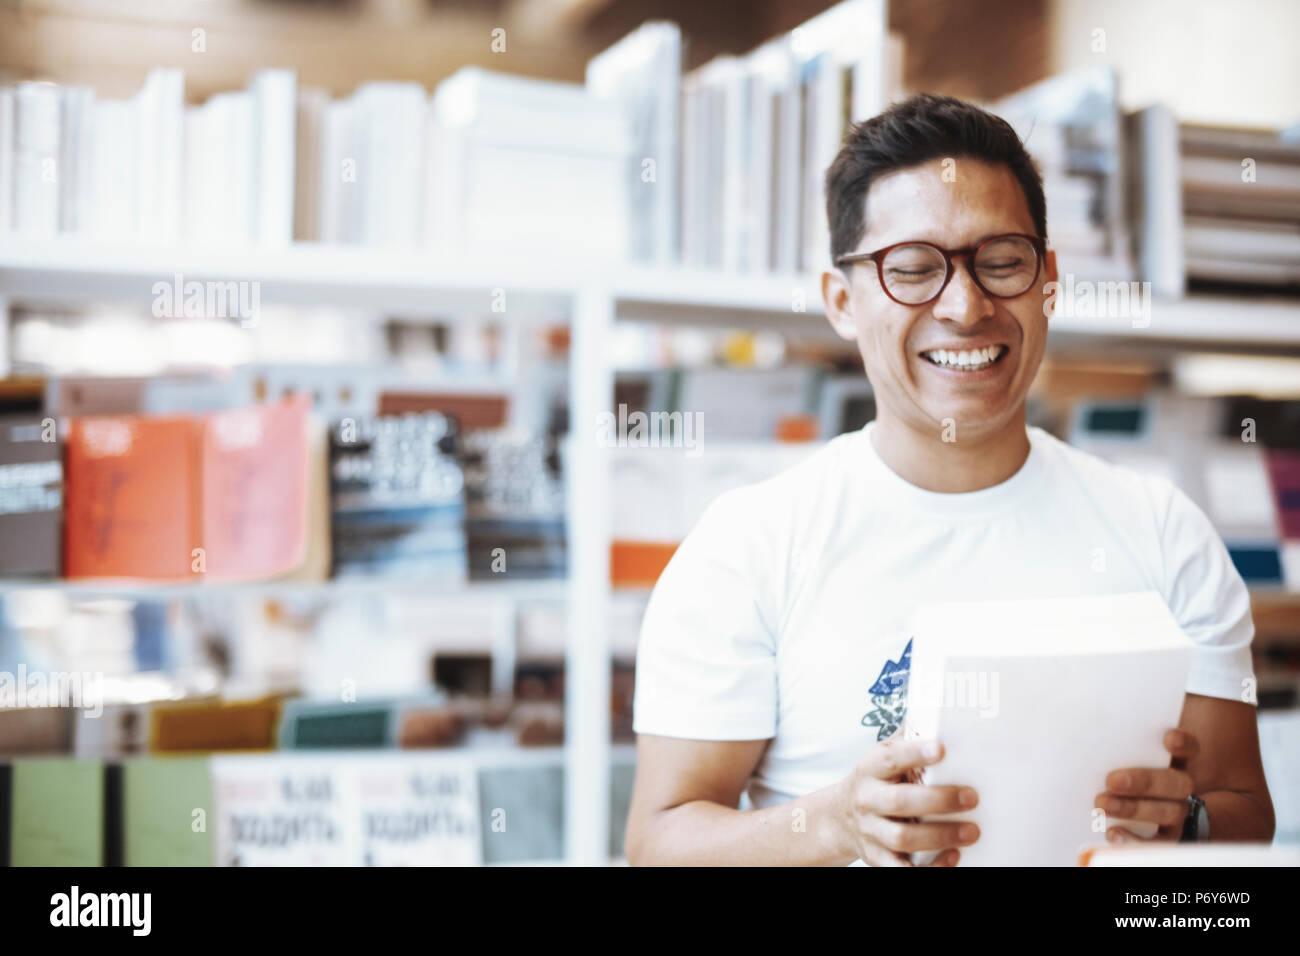 Oso Happy joven hombre sujetando libro con portada en blanco y riendo. Imagen De Stock